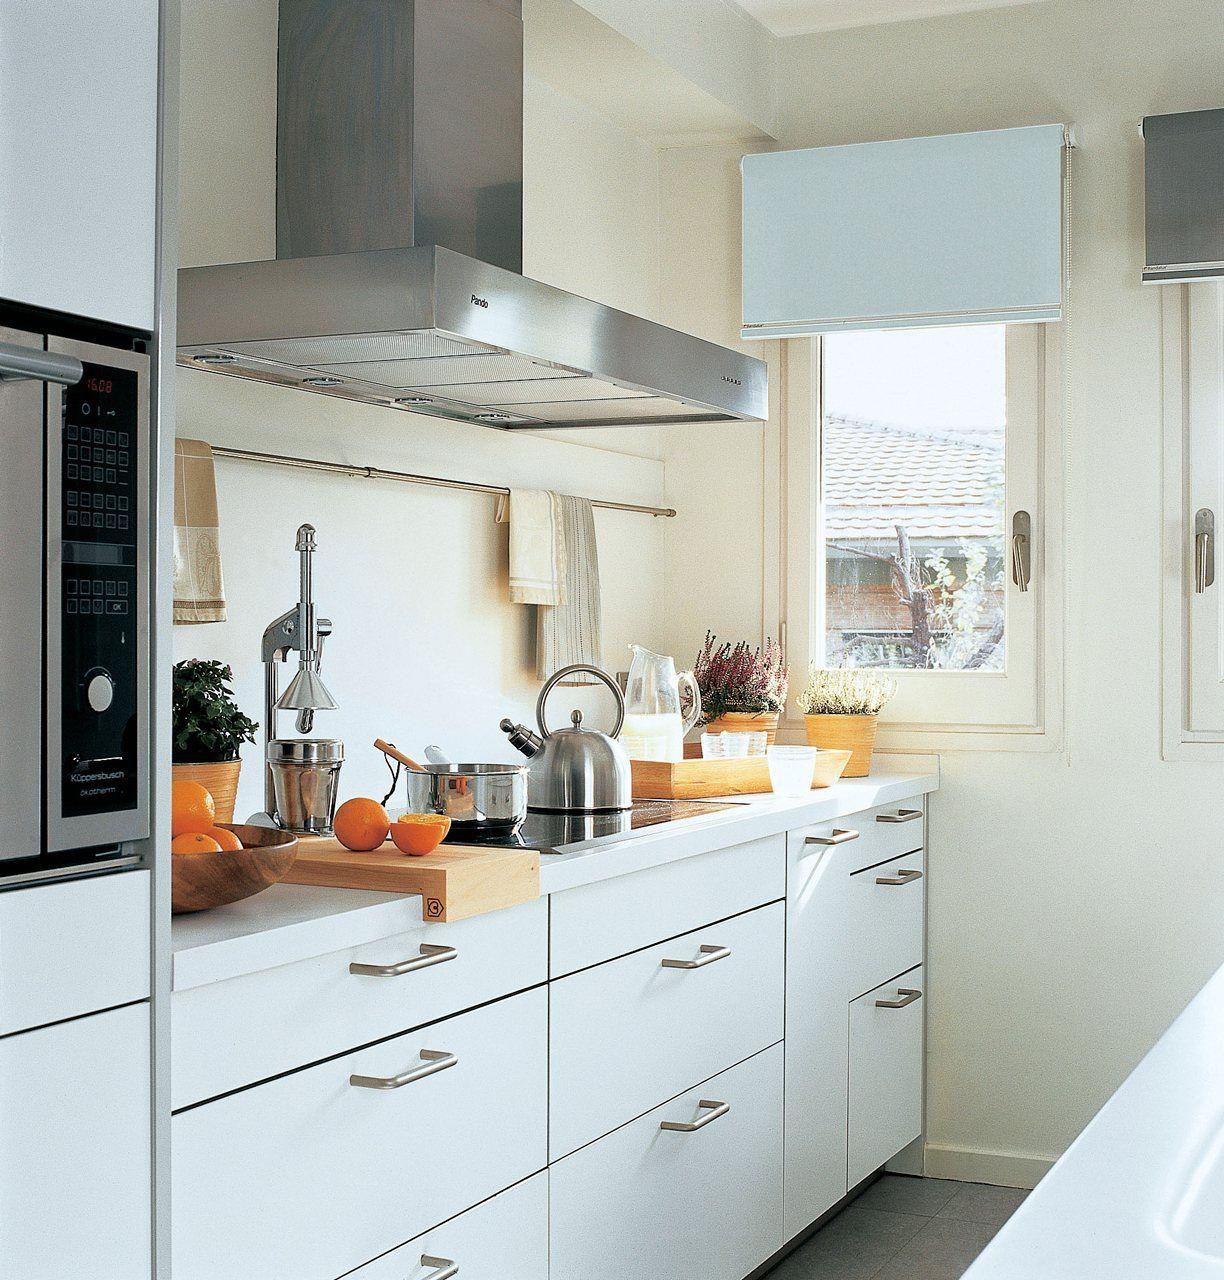 Buenas ideas para cocinas pequeñas | Deco | Pinterest | Ideas para ...